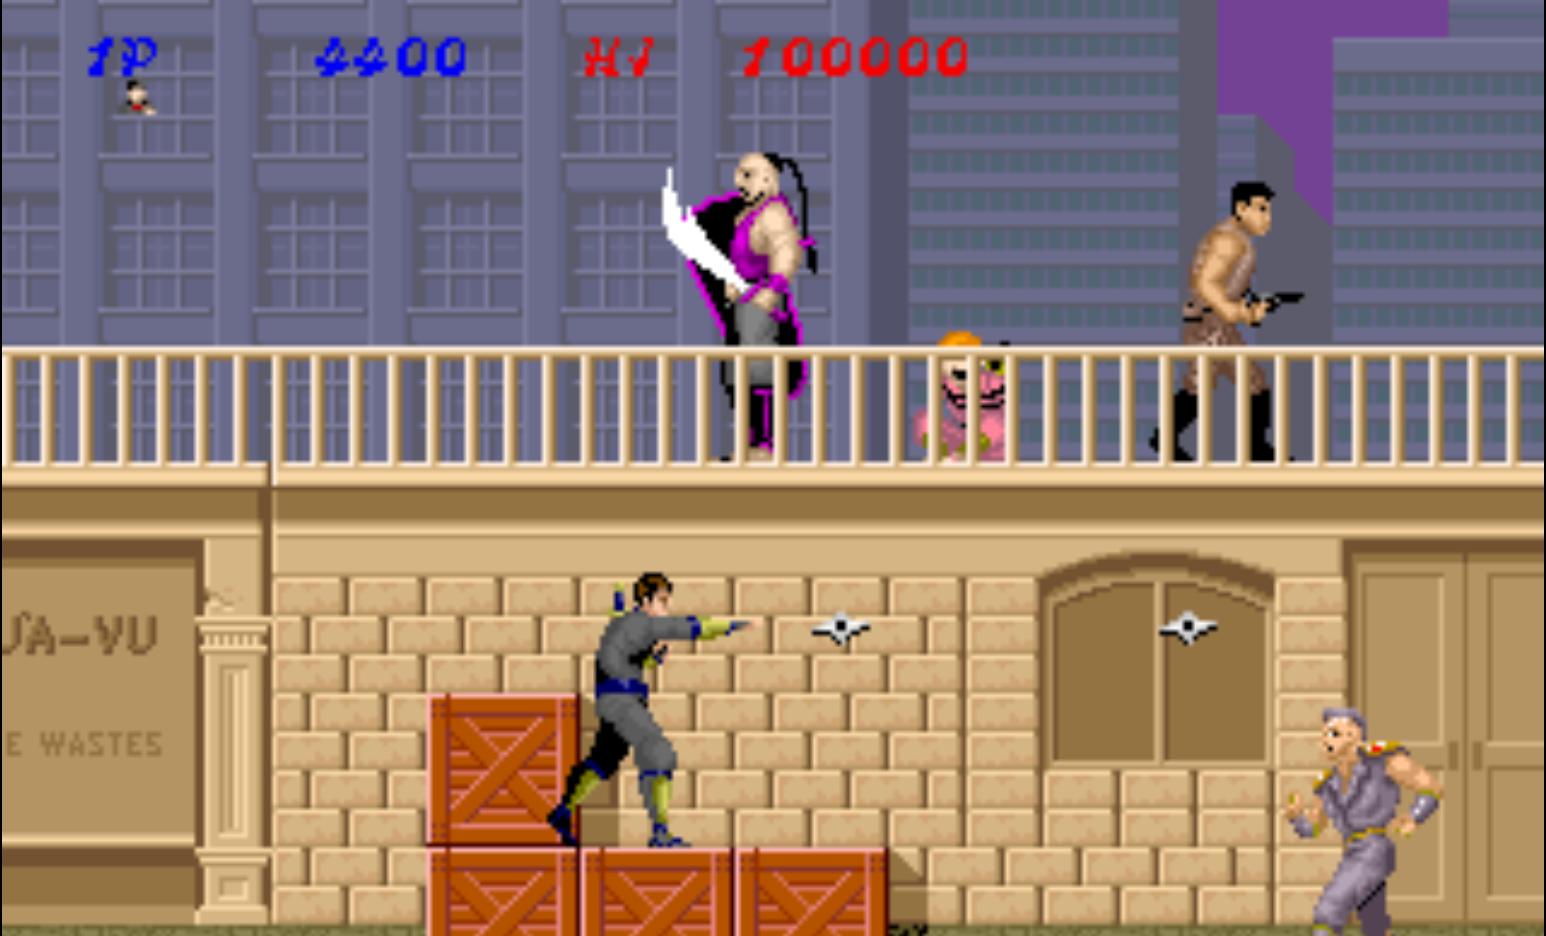 Perché non esiste un gioco dedicato al tizio con la scimitarra?